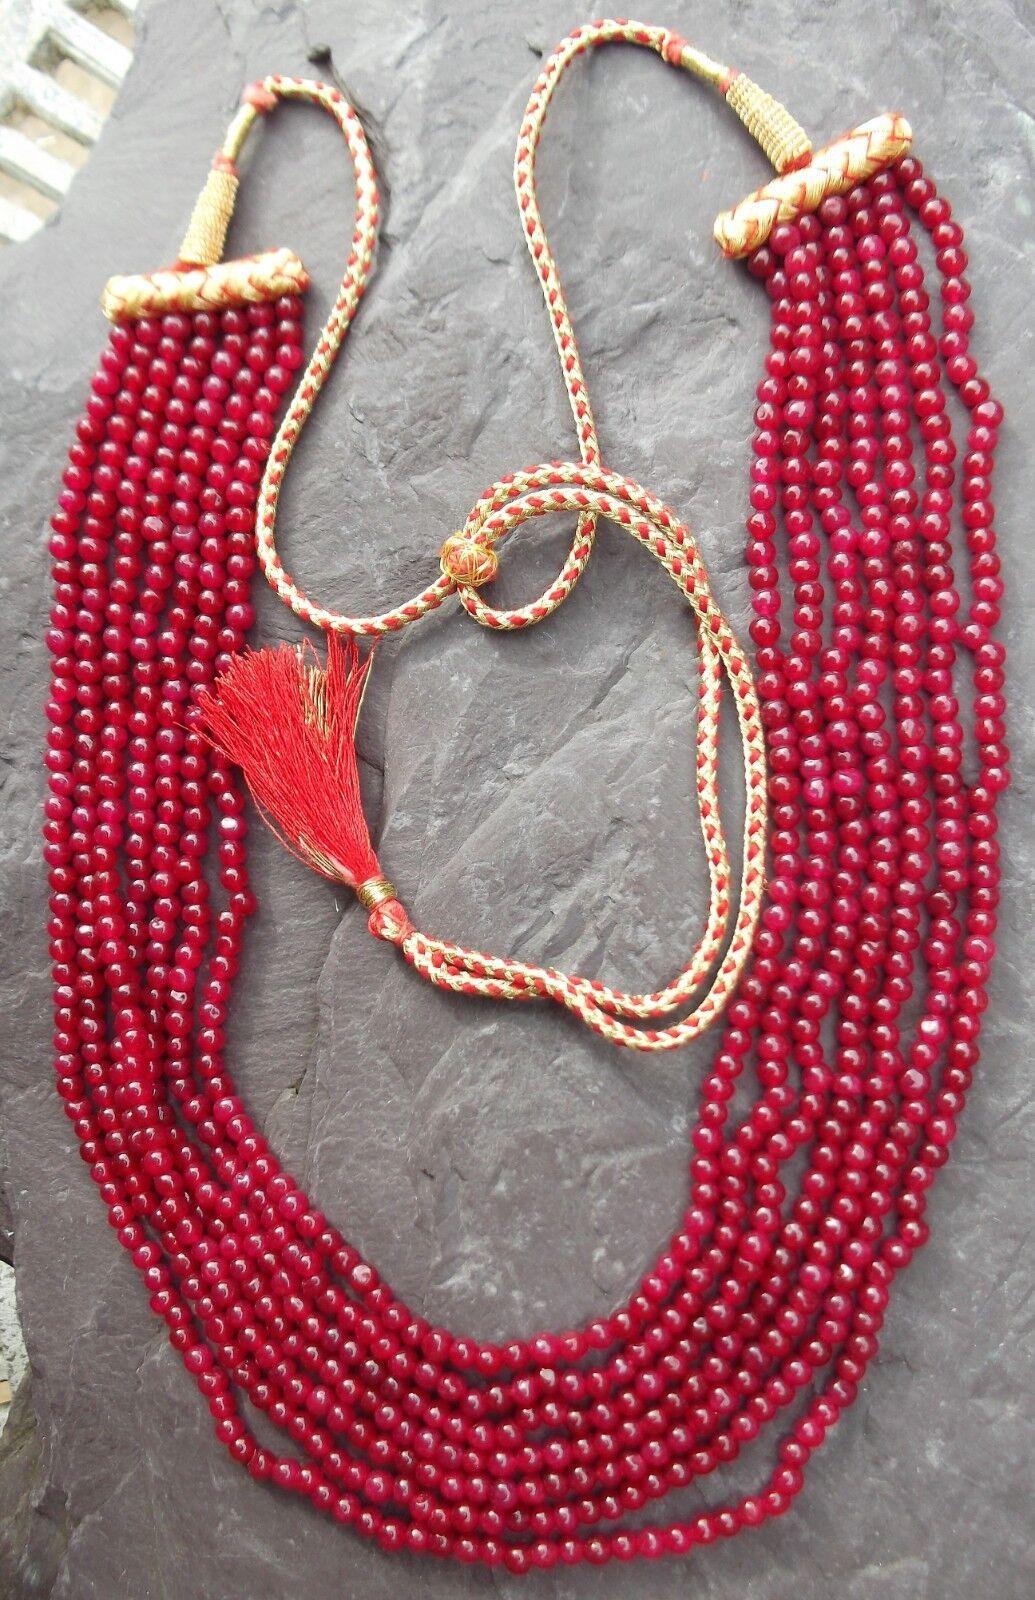 Ruby Autentico rossoondo Perline 4-5mm 7 la la la parte 20  Collana E405 09 634f62